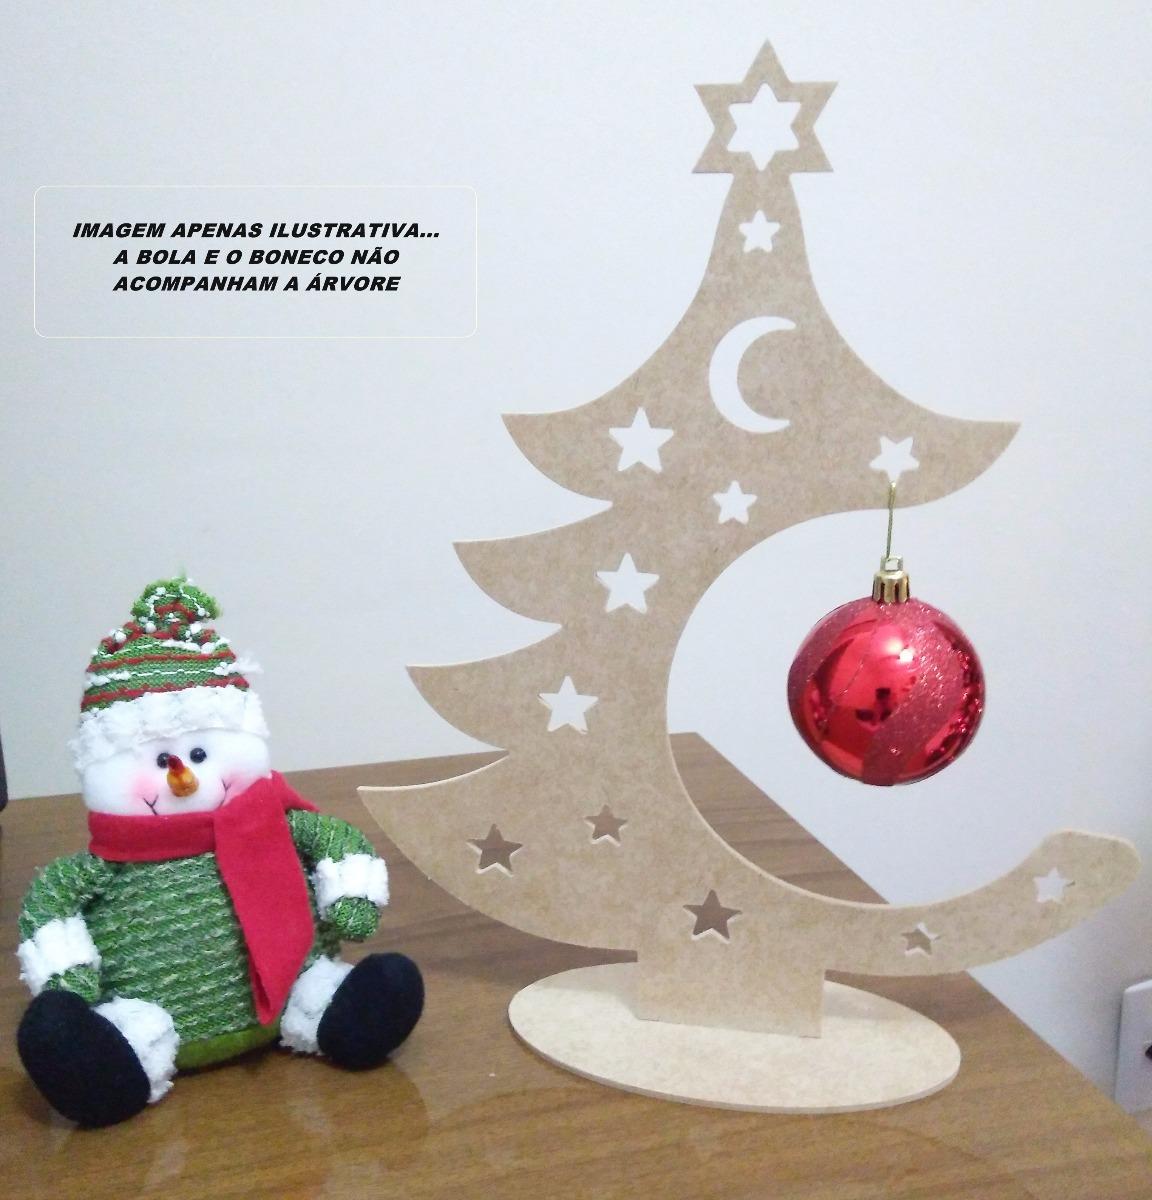 10 árvores Natal Mdf Cru Pinheiro Decoração Festa Enfeite